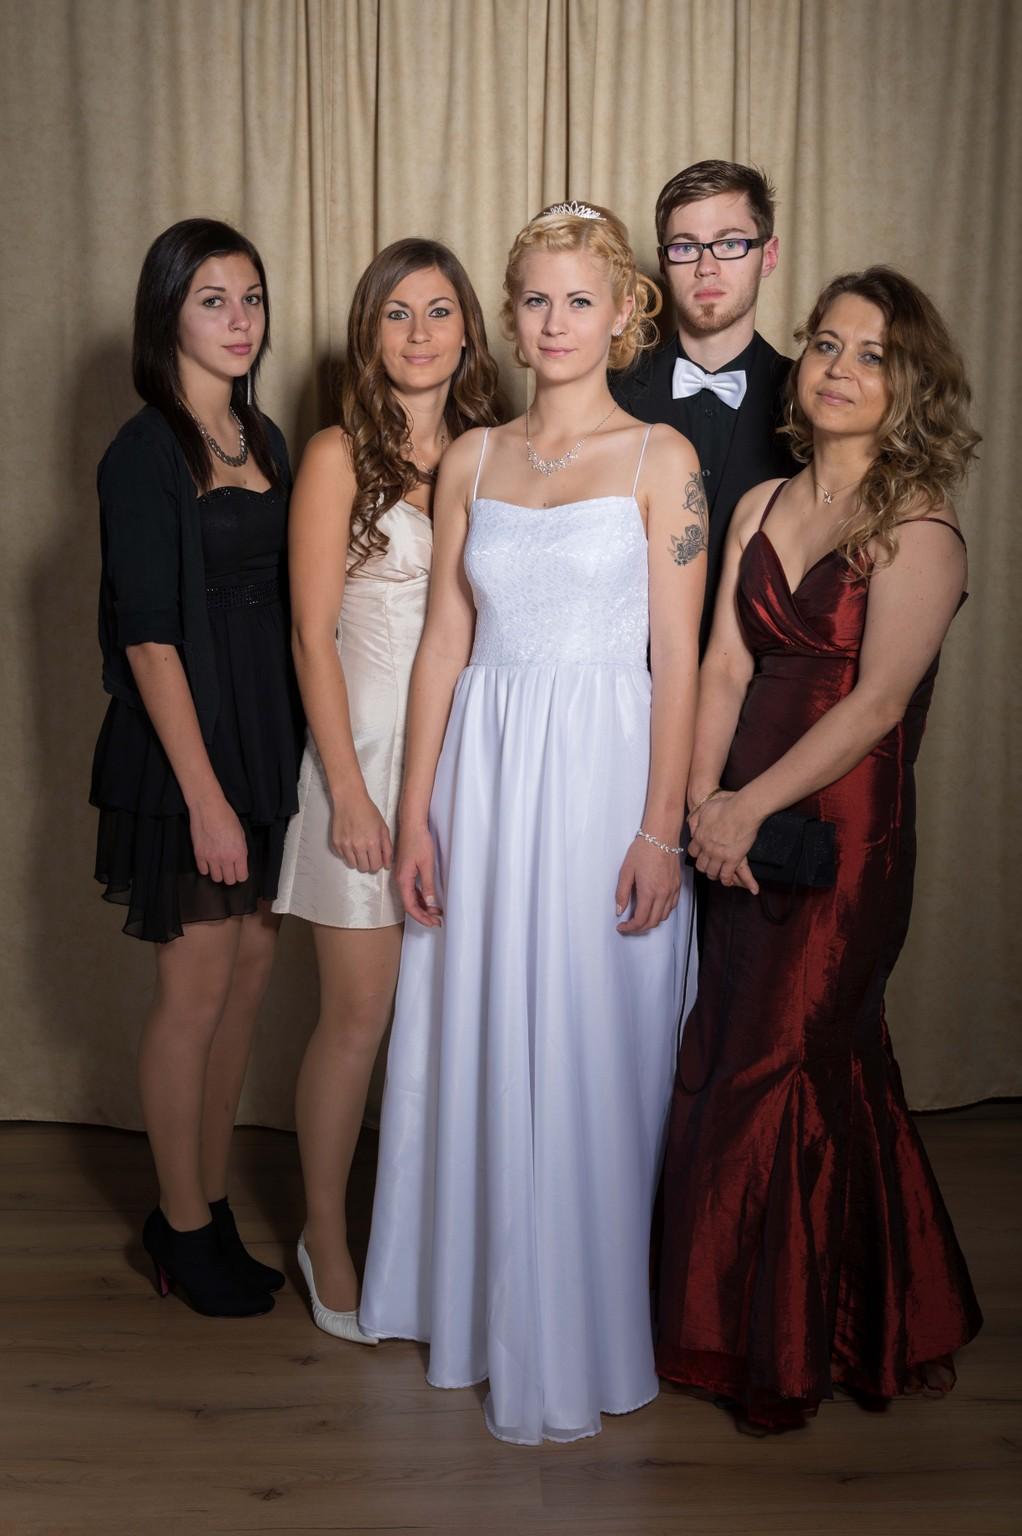 Portraits studio gruppen homepage 01 manfred karner for Js innendekoration